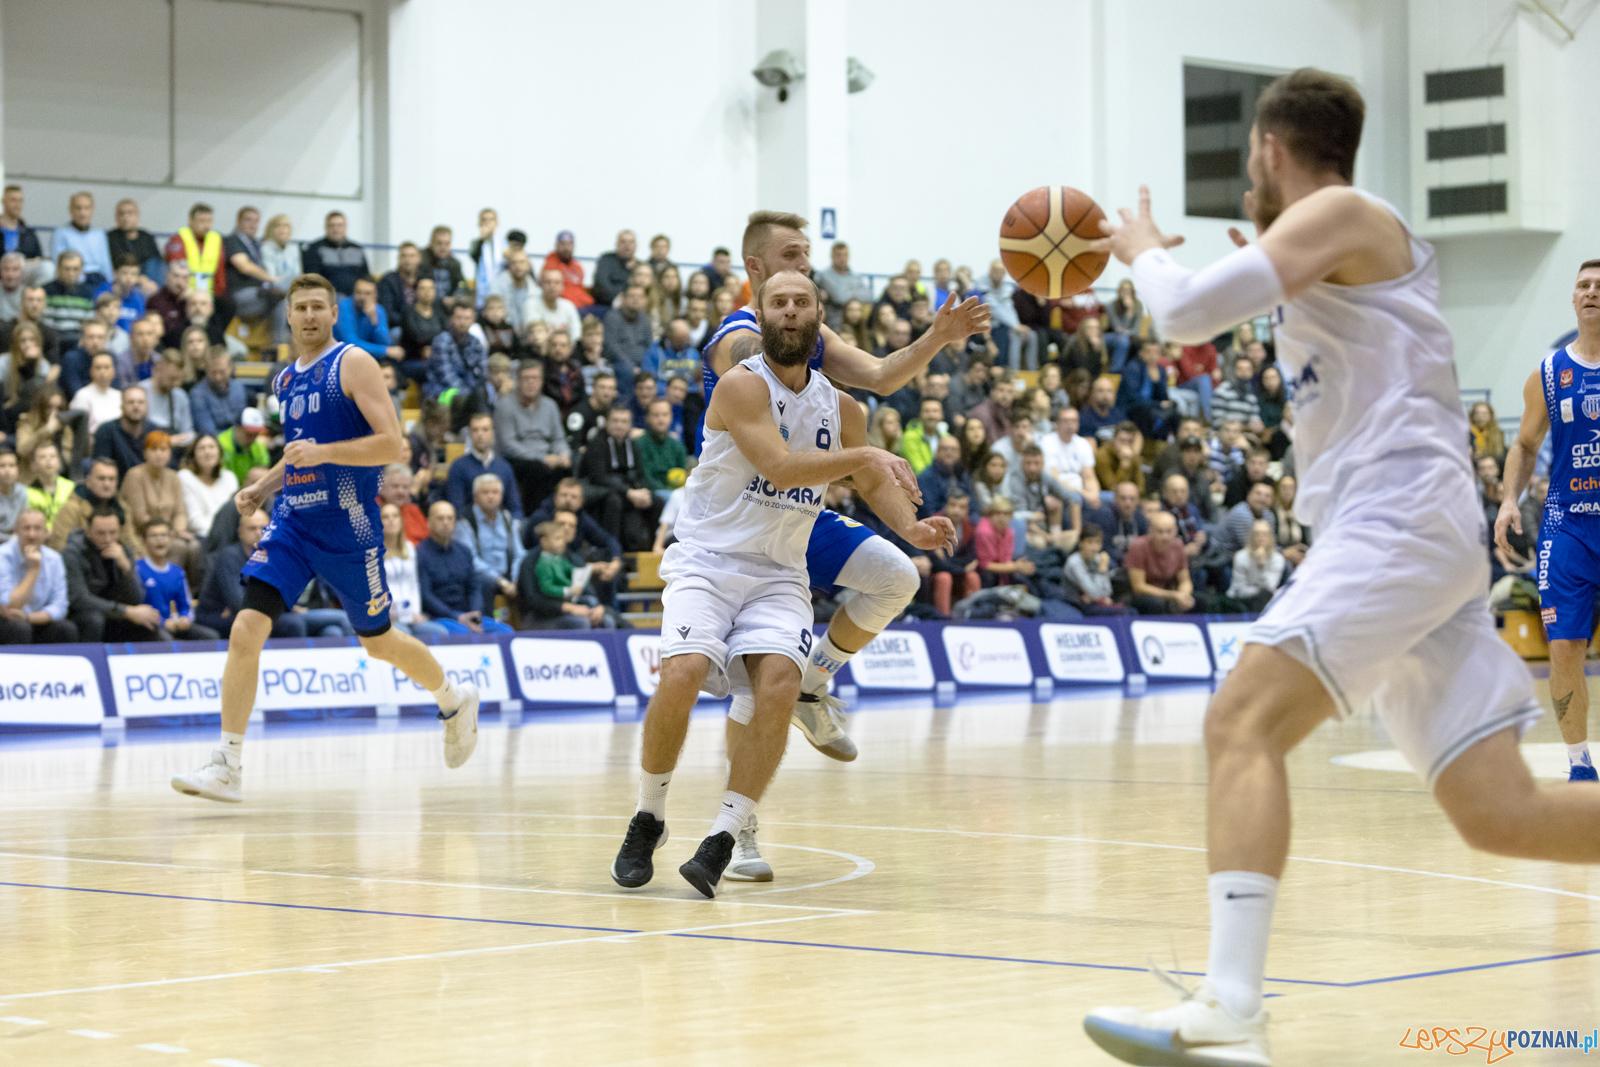 Biofarm Basket Poznań - Pogoń Prudnik  Foto: lepszyPOZNAN.pl/Piotr Rychter